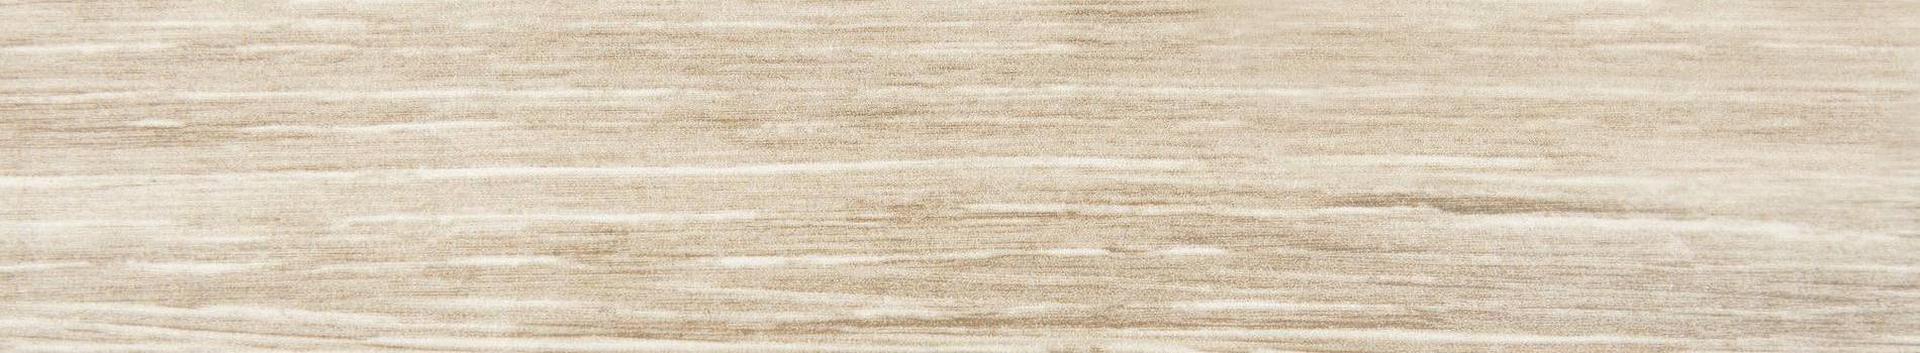 puidu- ja paberitööstus, puidu töötlemine, puidutööstus, saeveskid, puittooted, saematerjal, trepid